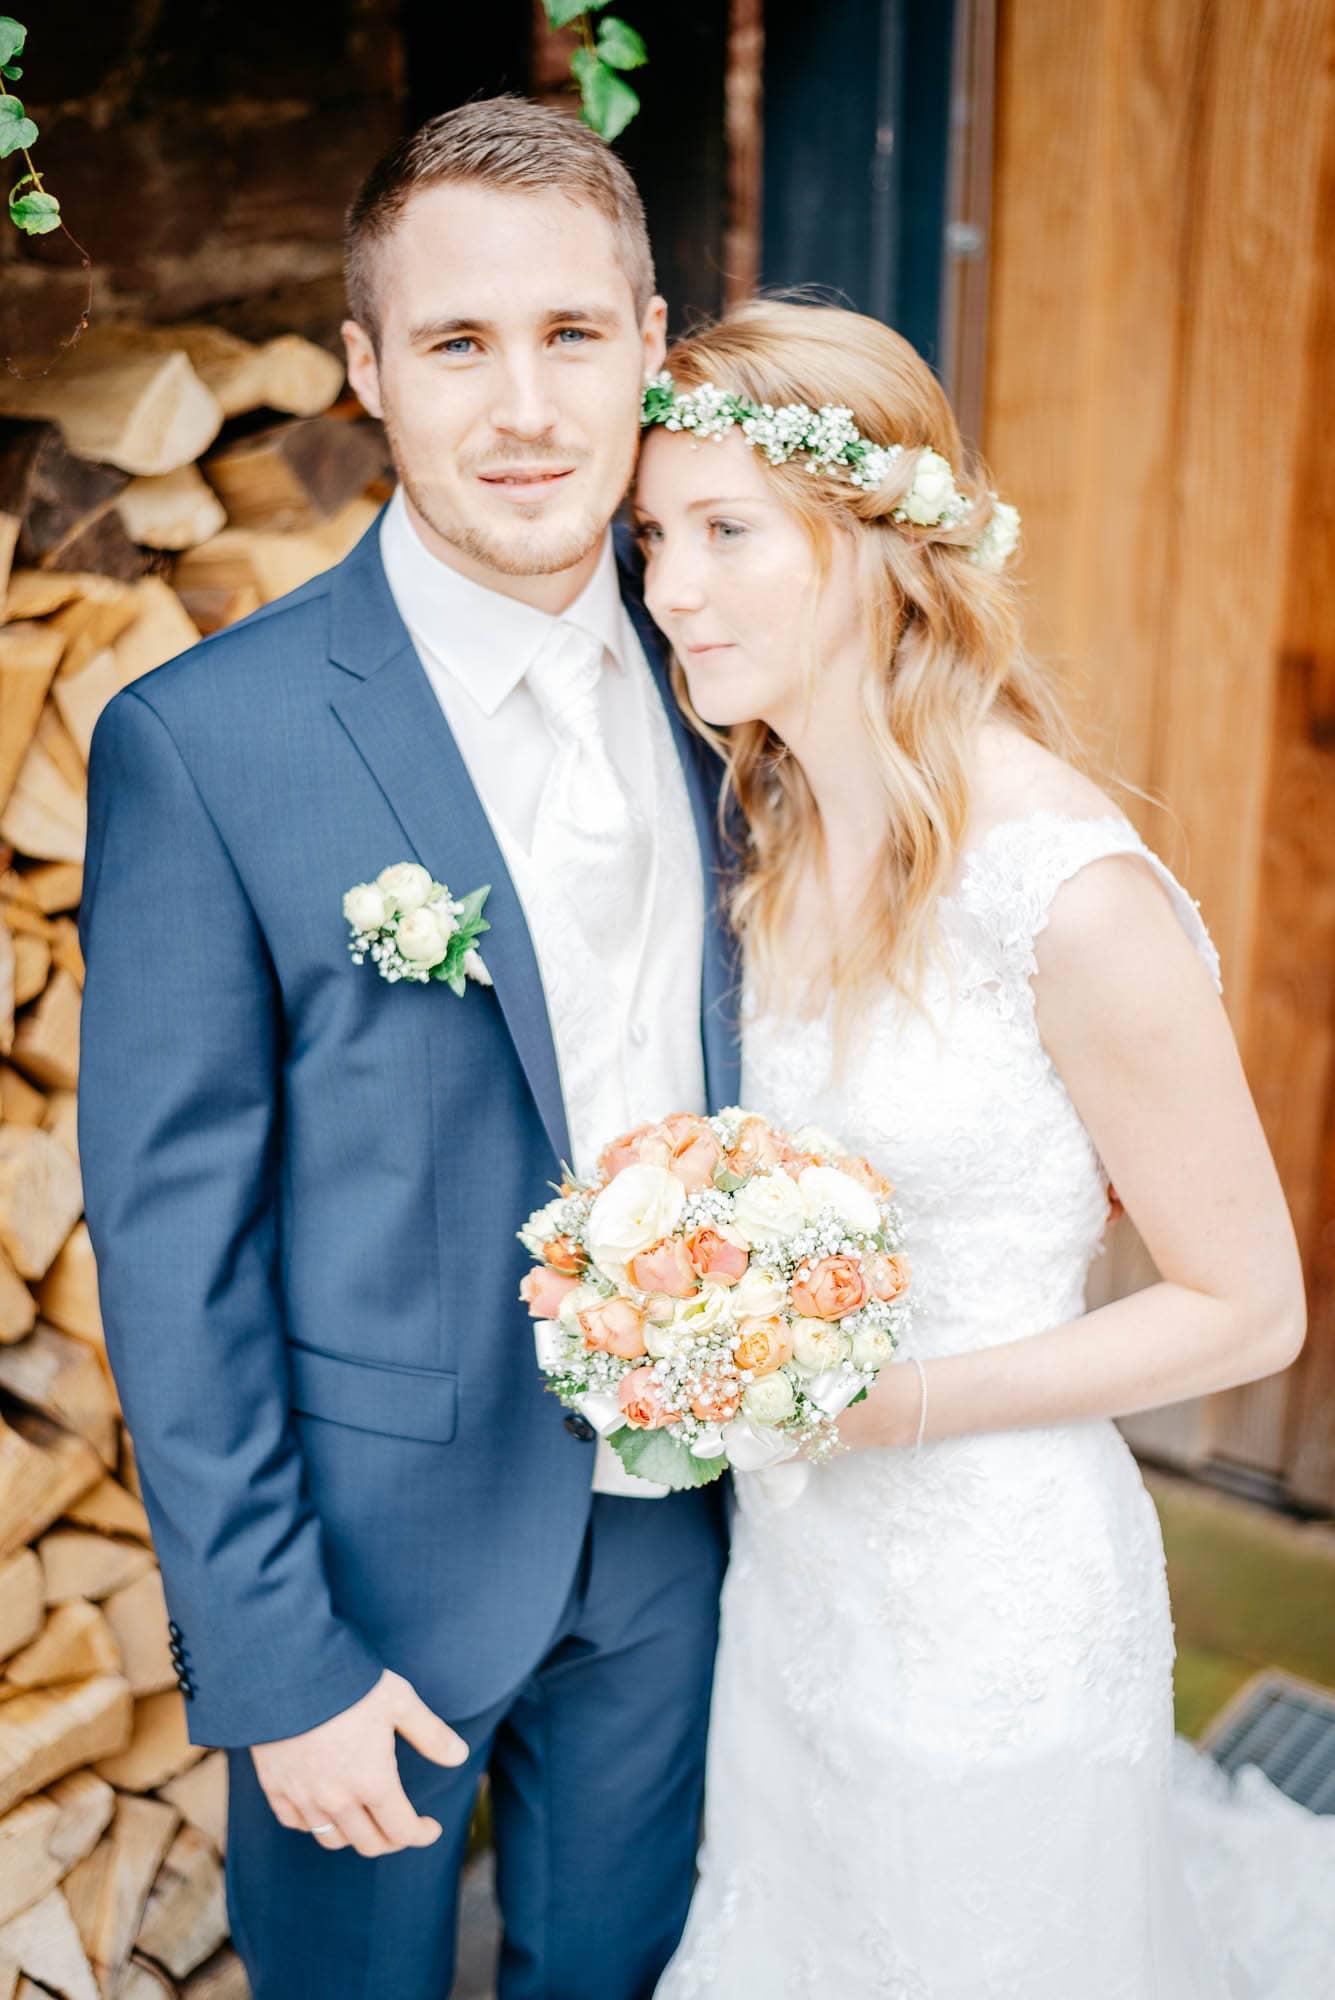 Hochzeit im Hotel Grenzhof in Heidelberg mit Steffi und Yannick - First Look